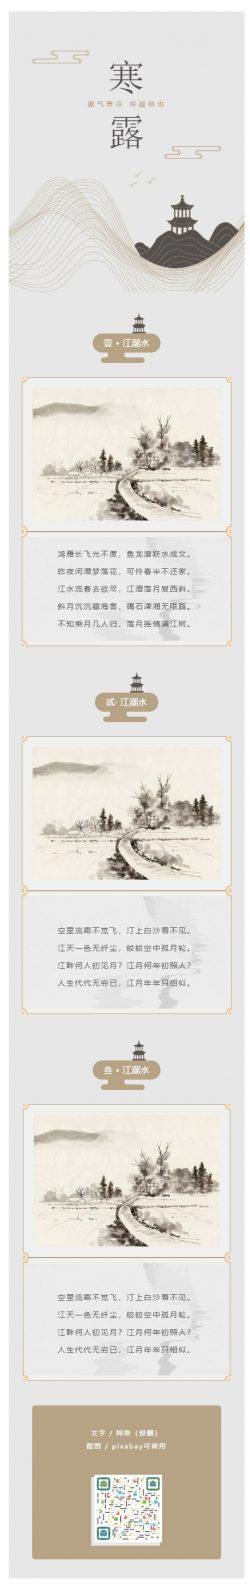 诗歌水墨风格中国风动态背景水纹微信公众号推送图文模板